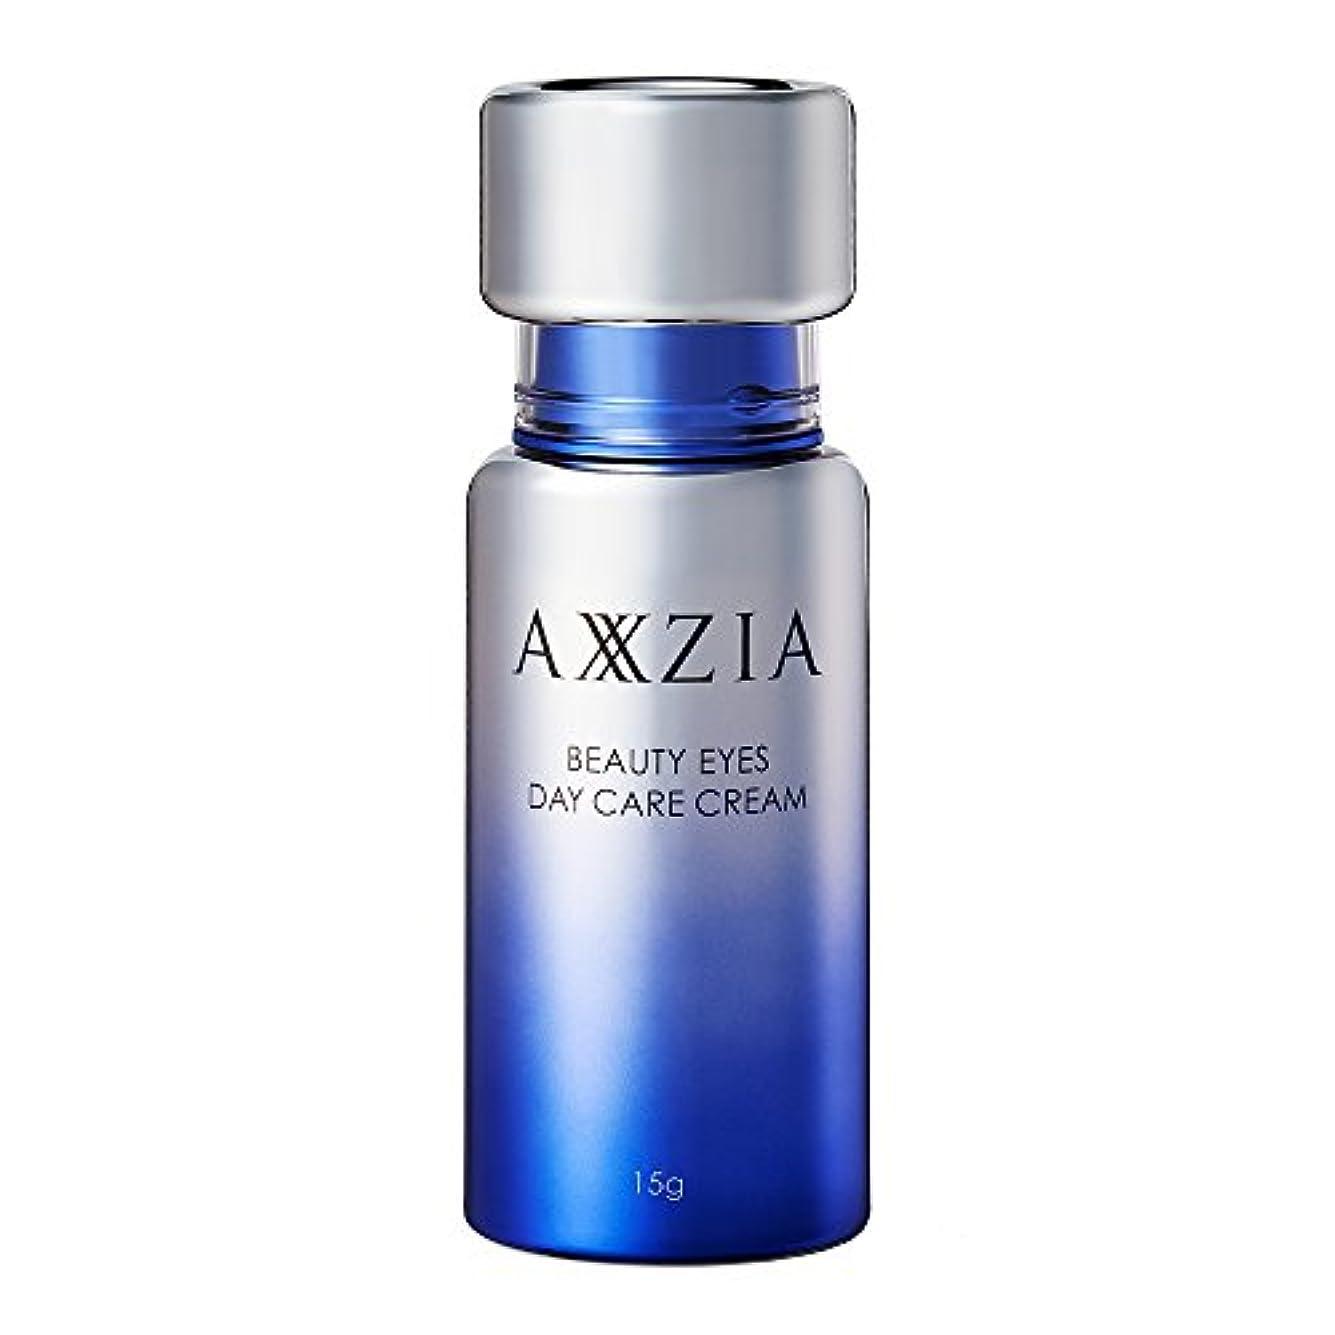 覗く北方戦艦アクシージア (AXXZIA) ビューティアイズ デイ ケア クリーム 15g | アイクリーム 目の下のたるみ 化粧品 解消 目元のたるみ